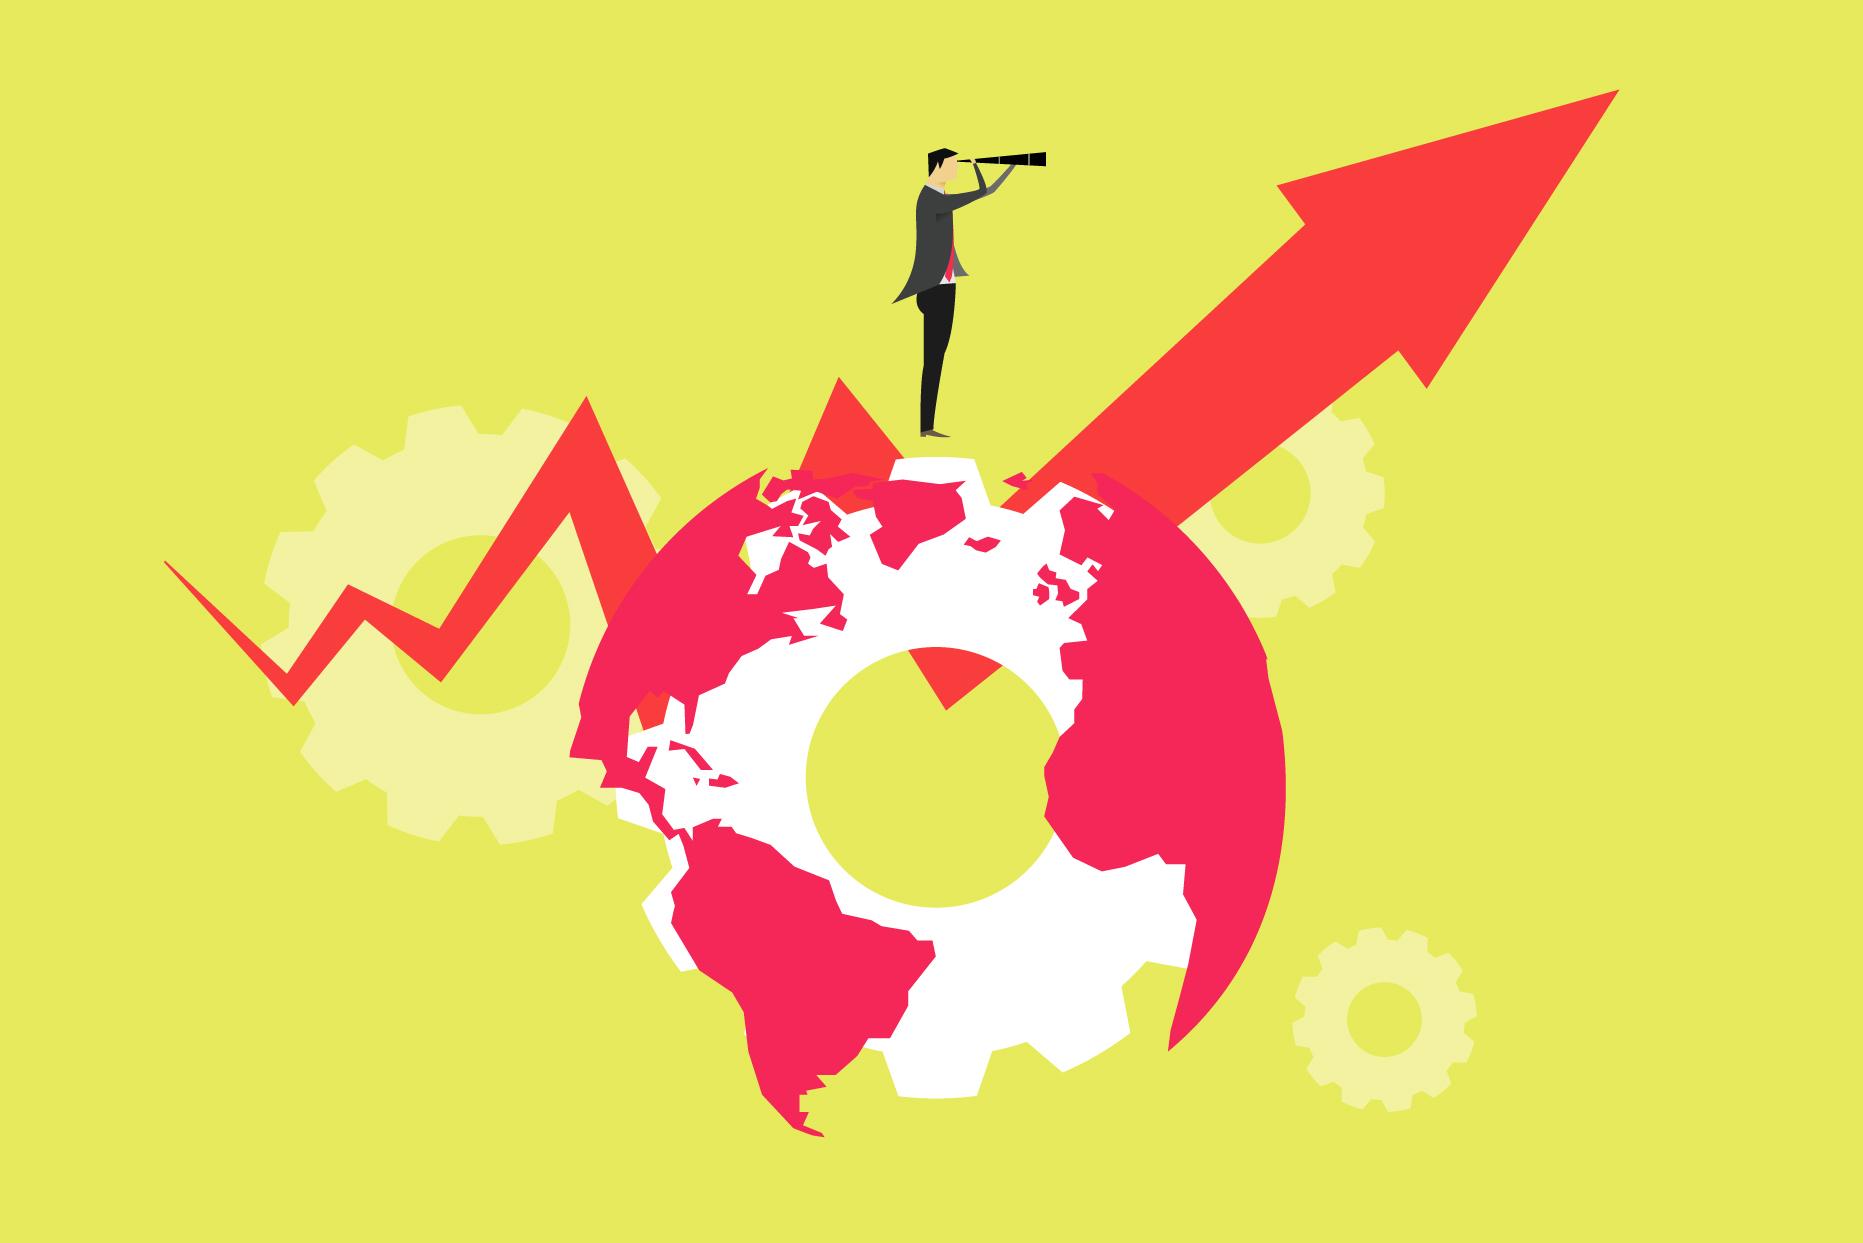 経済サイクル:Economic cycle とは?景気が良い時悪い時